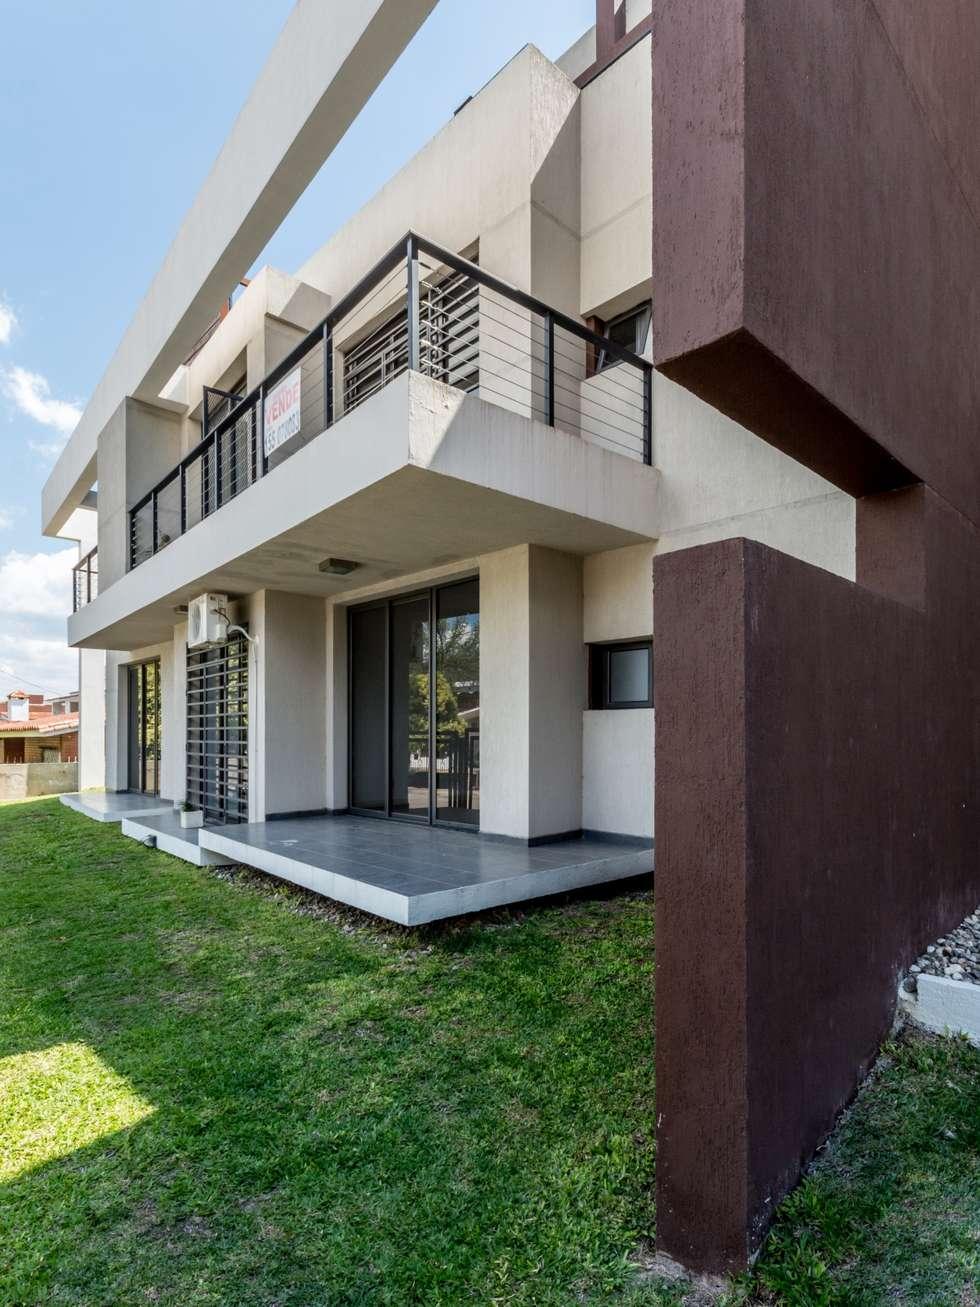 FACHADA NORTE: Casas de estilo moderno por CELOIRA CALDERON ARQUITECTOS